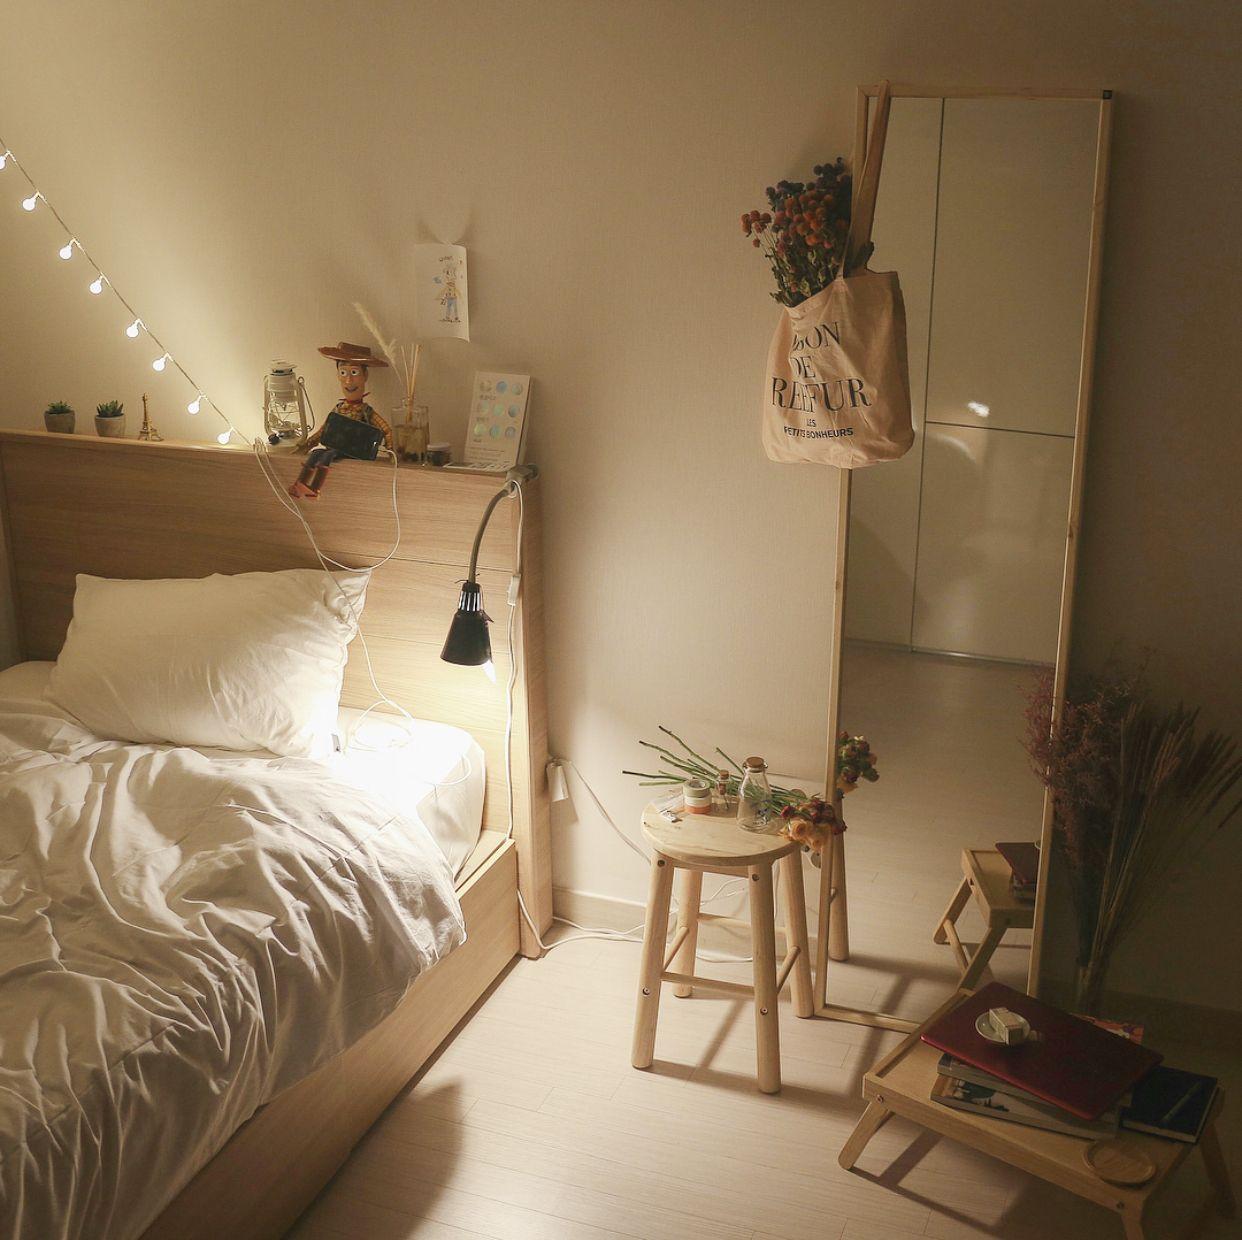 Pin By Sarakarimi On Apartment Ideas Study Room Decor Minimalist Room Aesthetic Bedroom